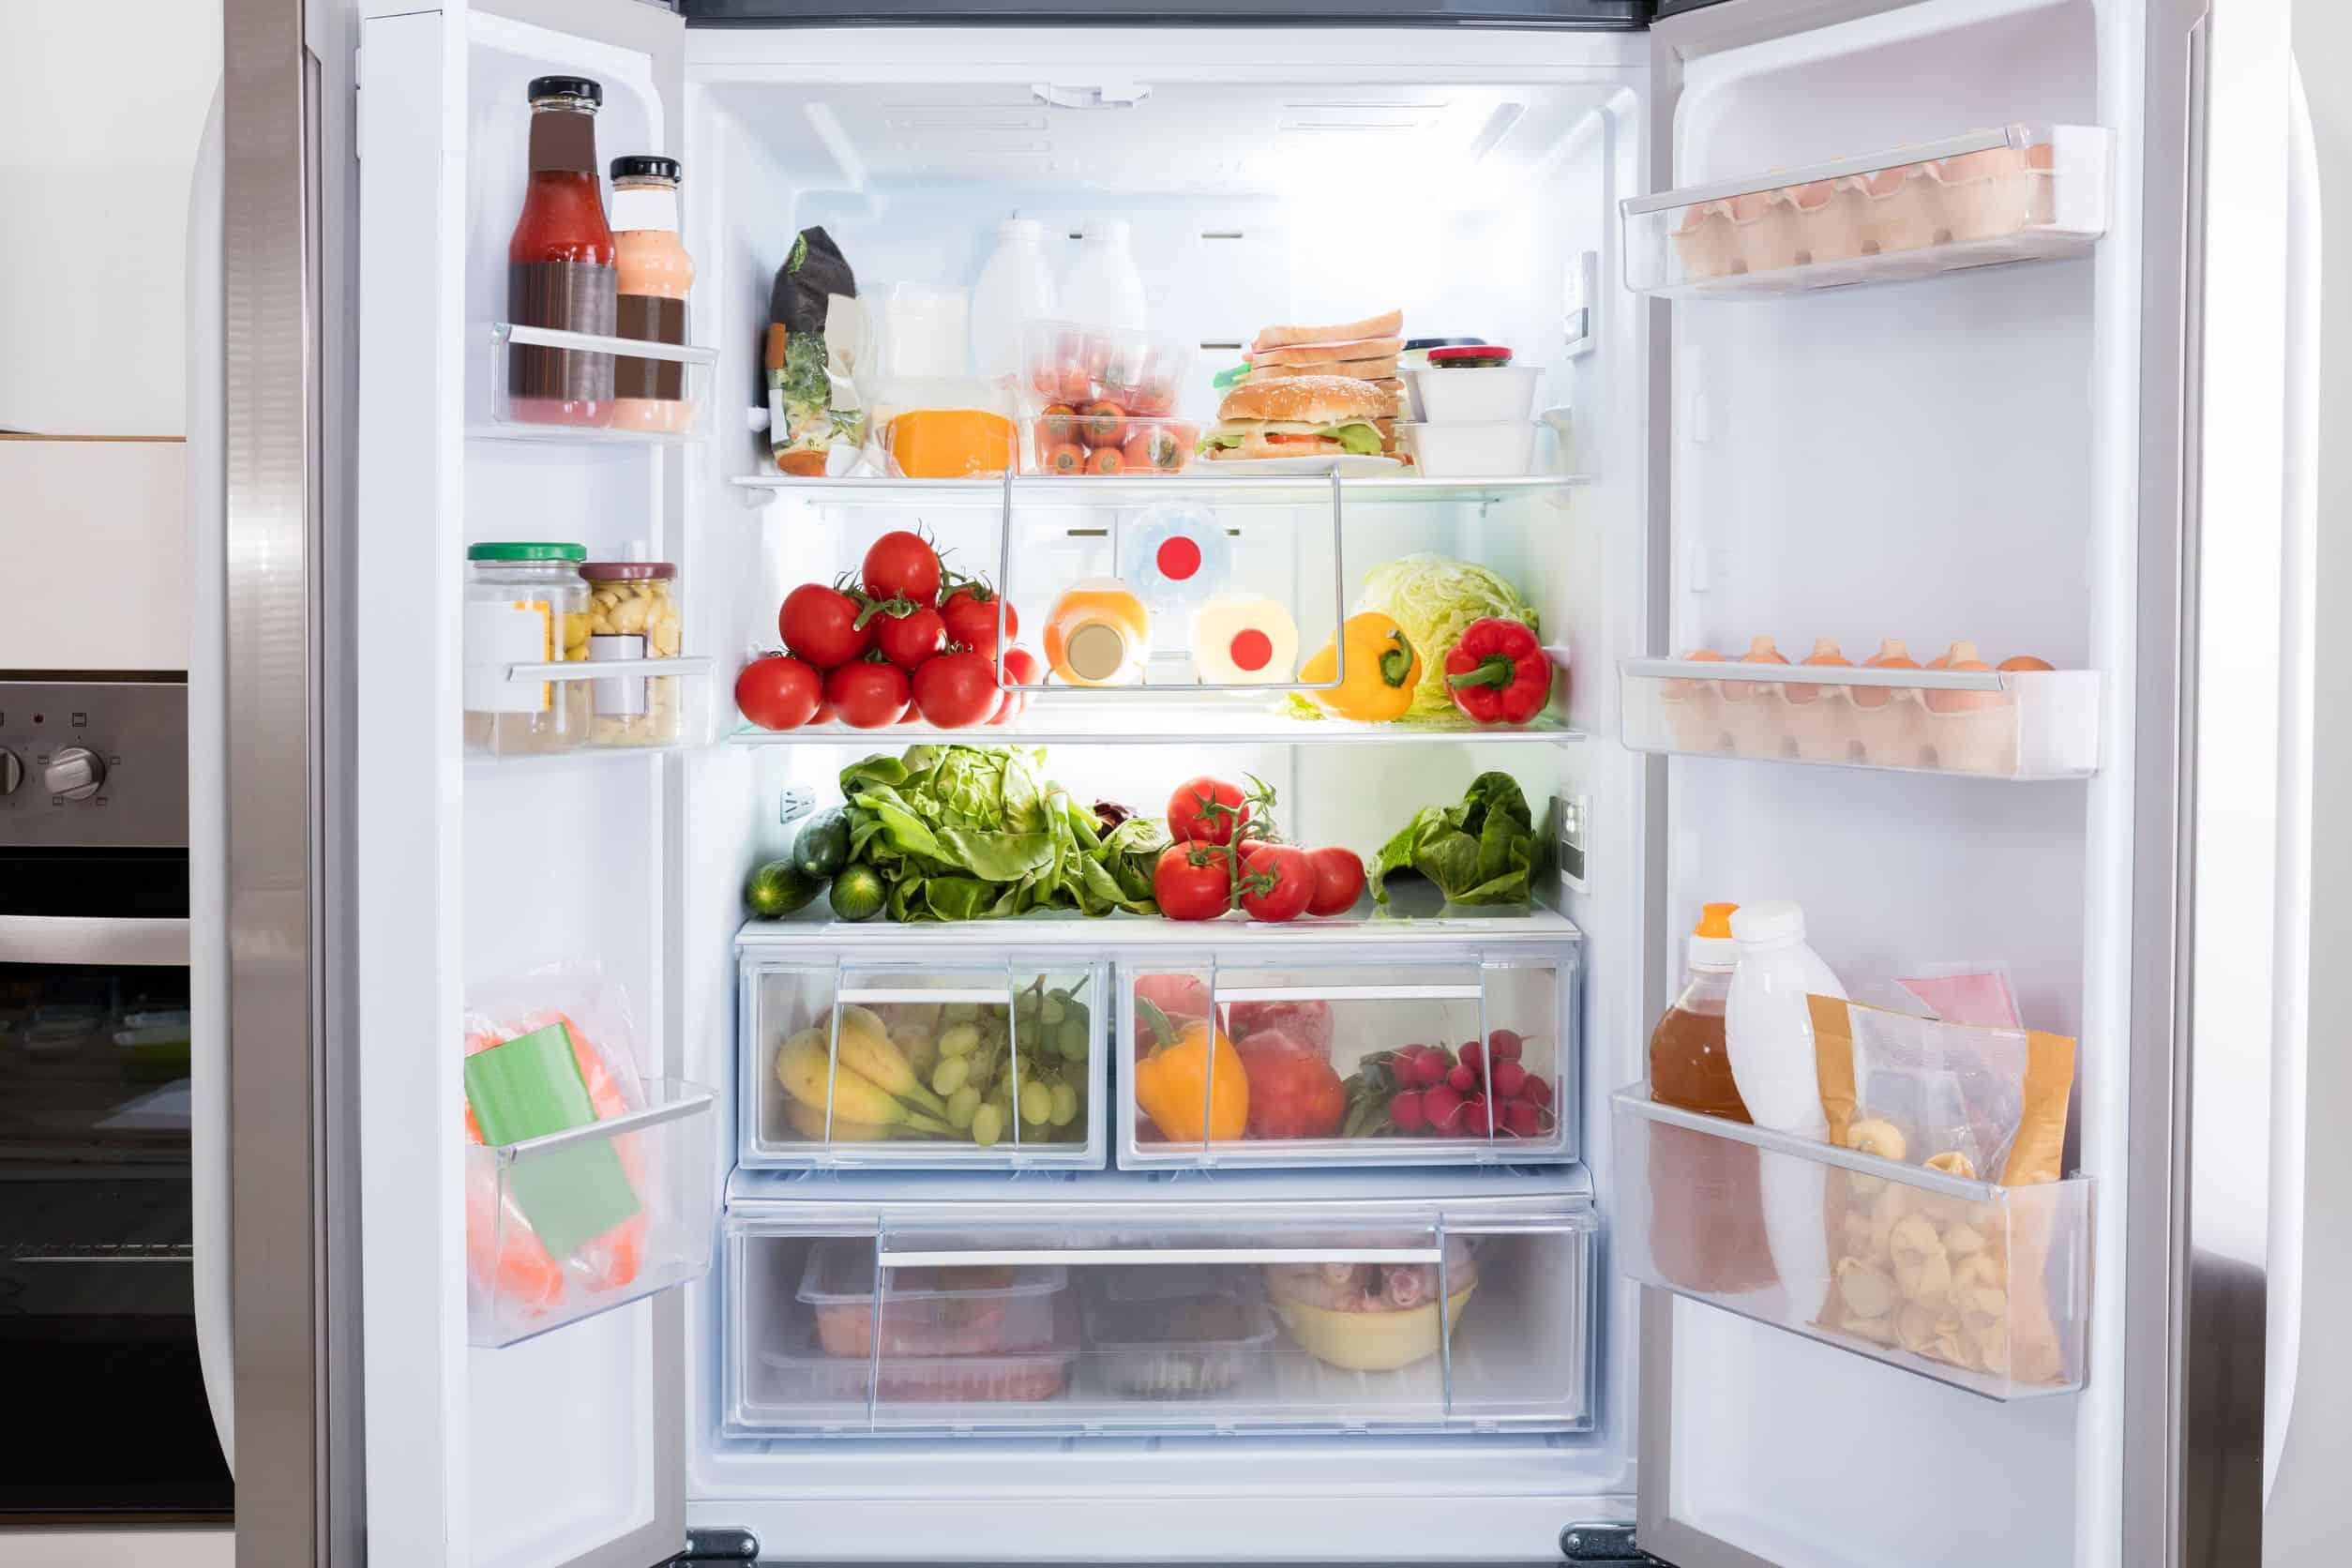 Aeg Kühlschränke Ohne Gefrierfach : Kühlschrank ohne gefrierfach test kühlschränke im vergleich